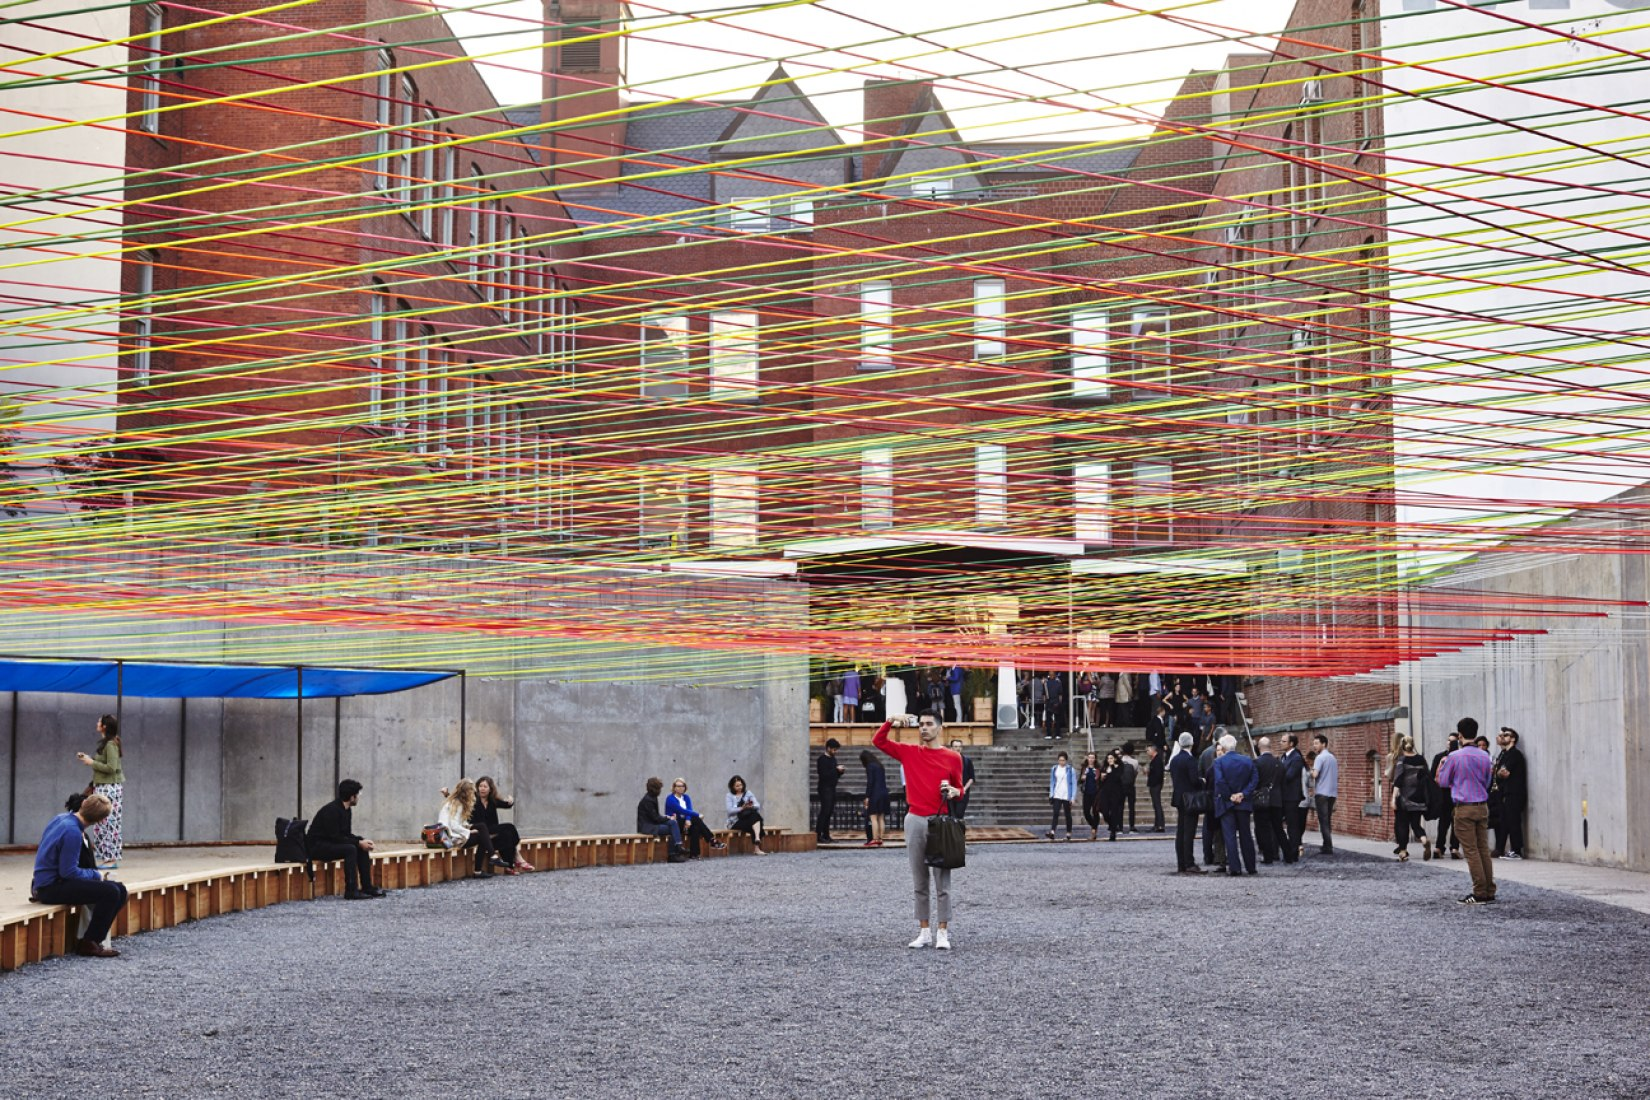 Tejiendo el patio. MoMA PS1 Yap 2016 por Escobedo-Soliz. Imagen © cortesía de 2016 MoMA PS1